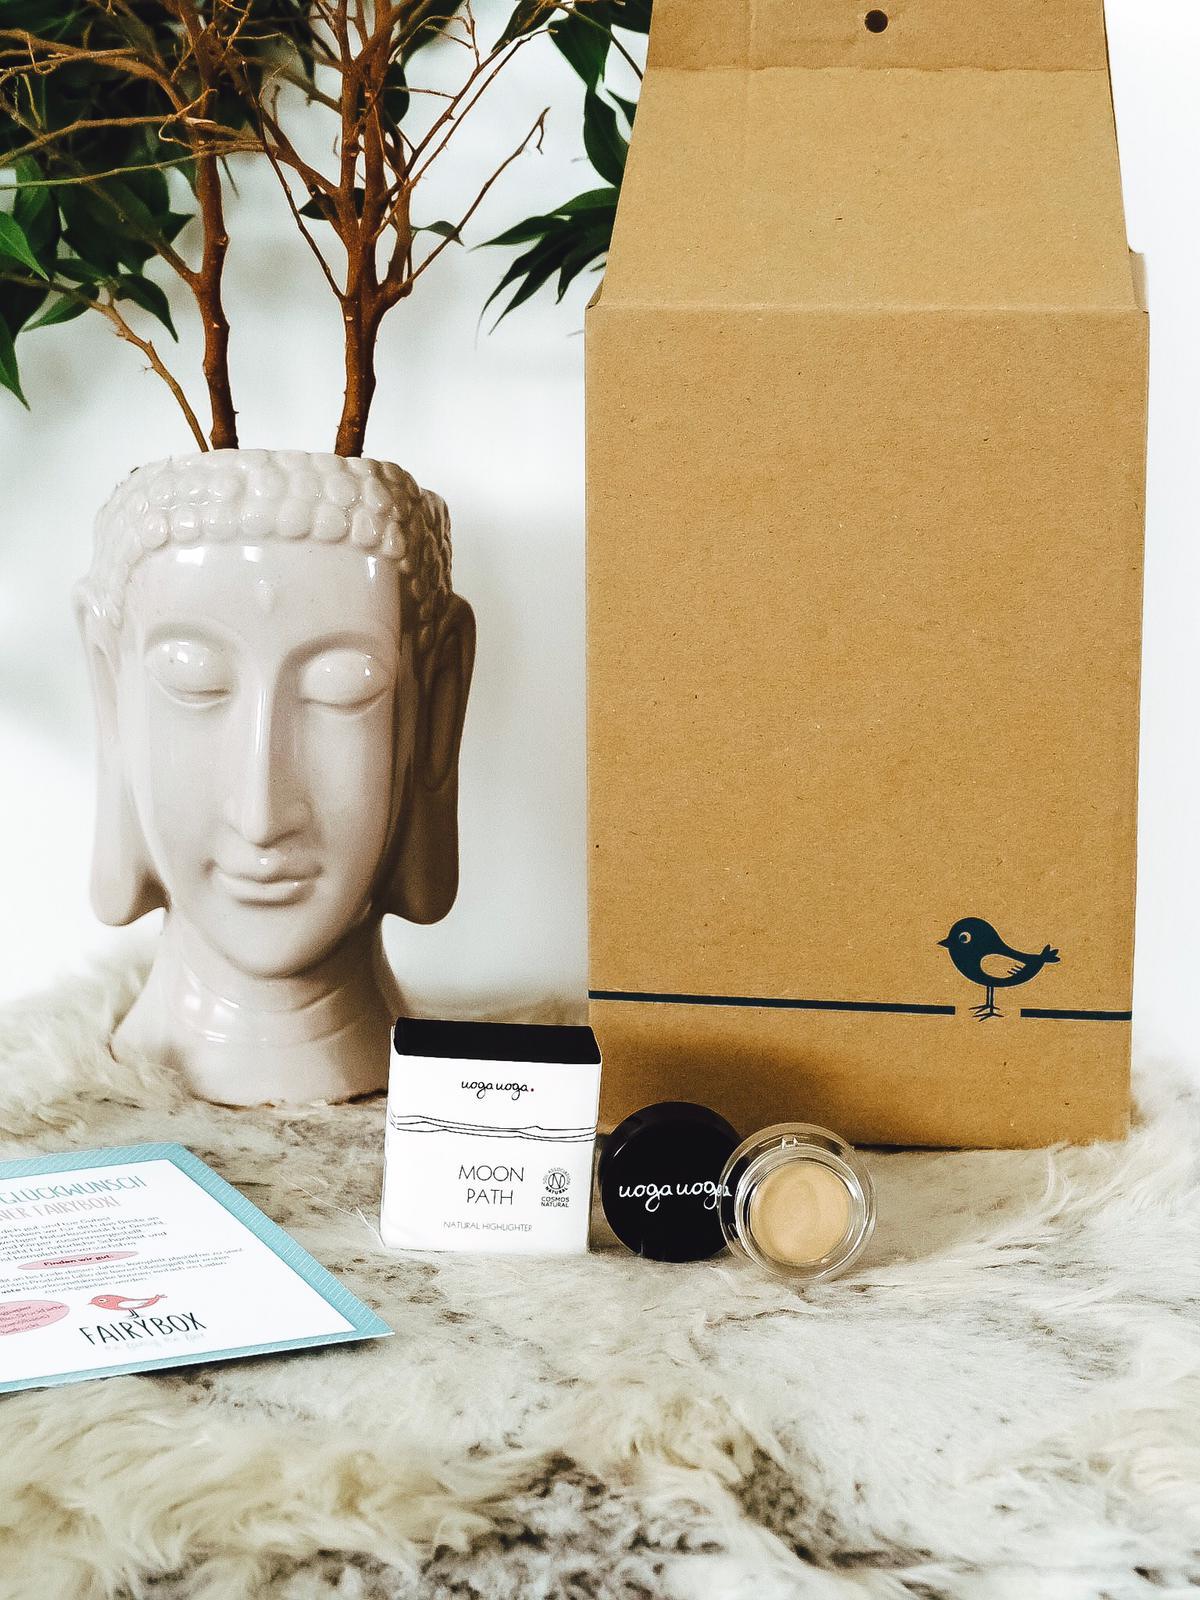 Ich zeige in einem Unboxing die wunderbare Zusammenstellung meiner liebste Beauty Box mit tierversuchsfreier Naturkosmetik, die Fairybox September 2019.